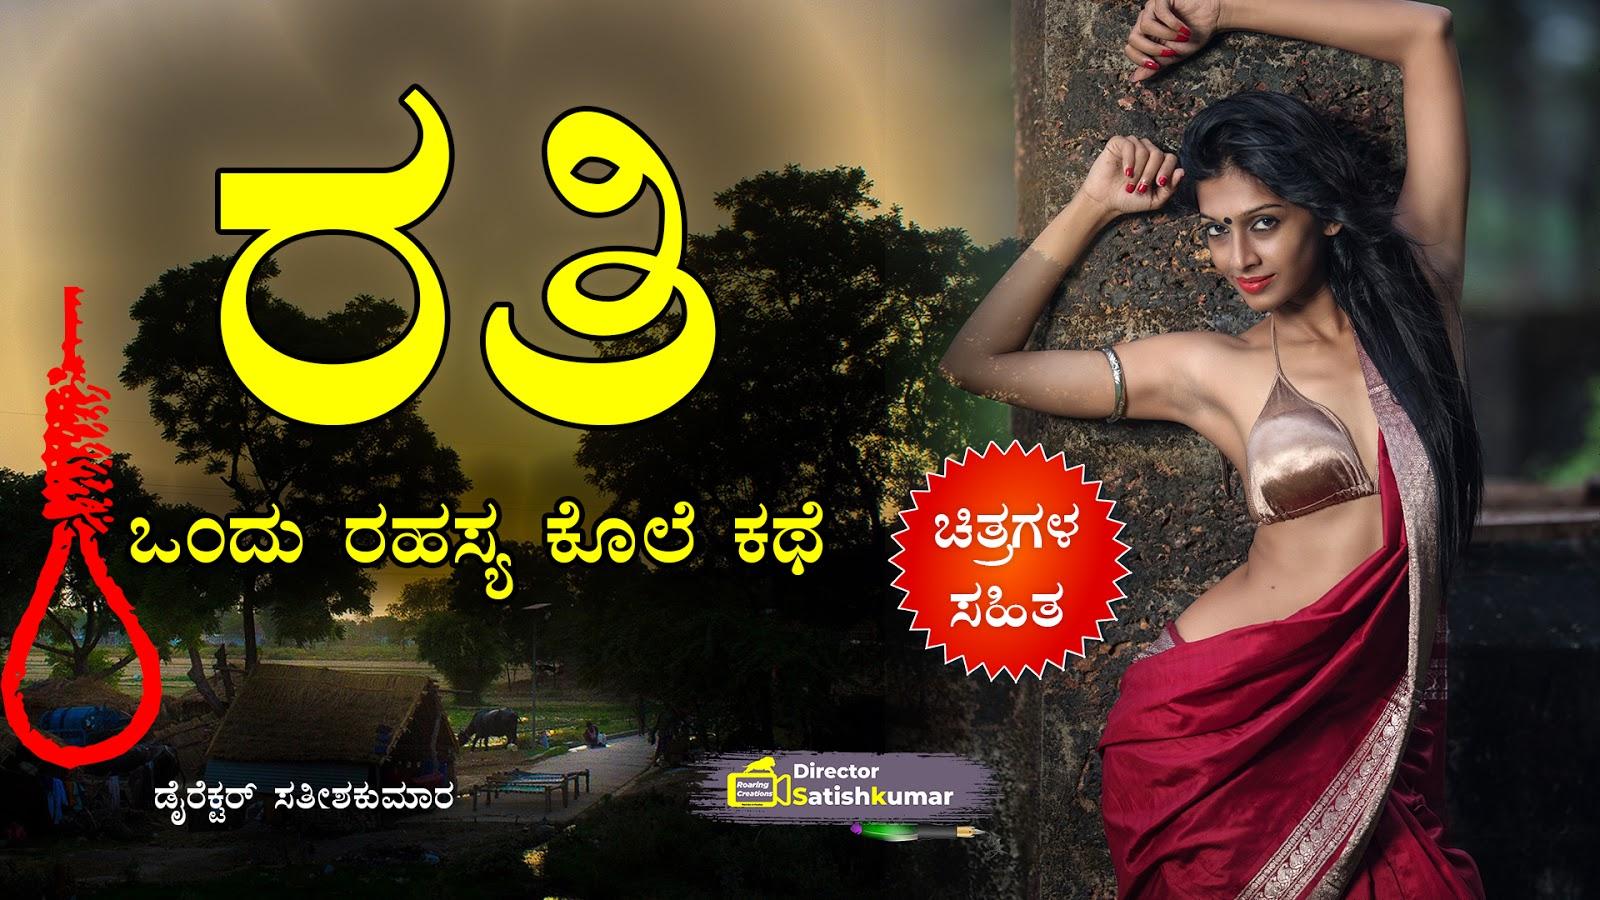 ರತಿ - ಒಂದು ರಹಸ್ಯ ಕೊಲೆ ಕಥೆ - Kannada Revenge Love Story - ಕನ್ನಡ ಕಥೆ ಪುಸ್ತಕಗಳು - Kannada Story Books -  E Books Kannada - Kannada Books